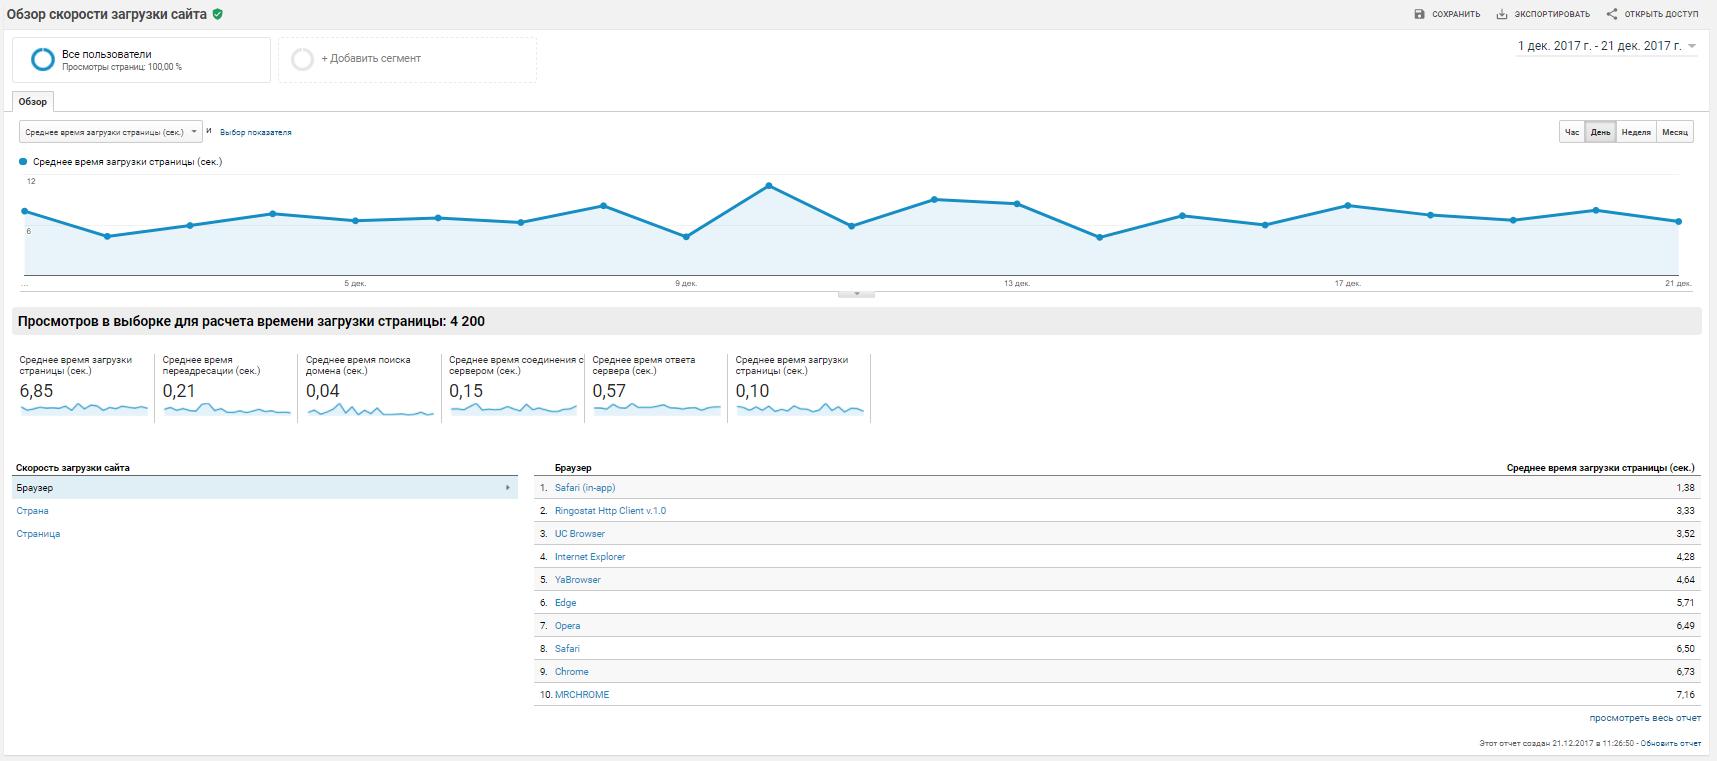 обзор скорости загрузки сайта